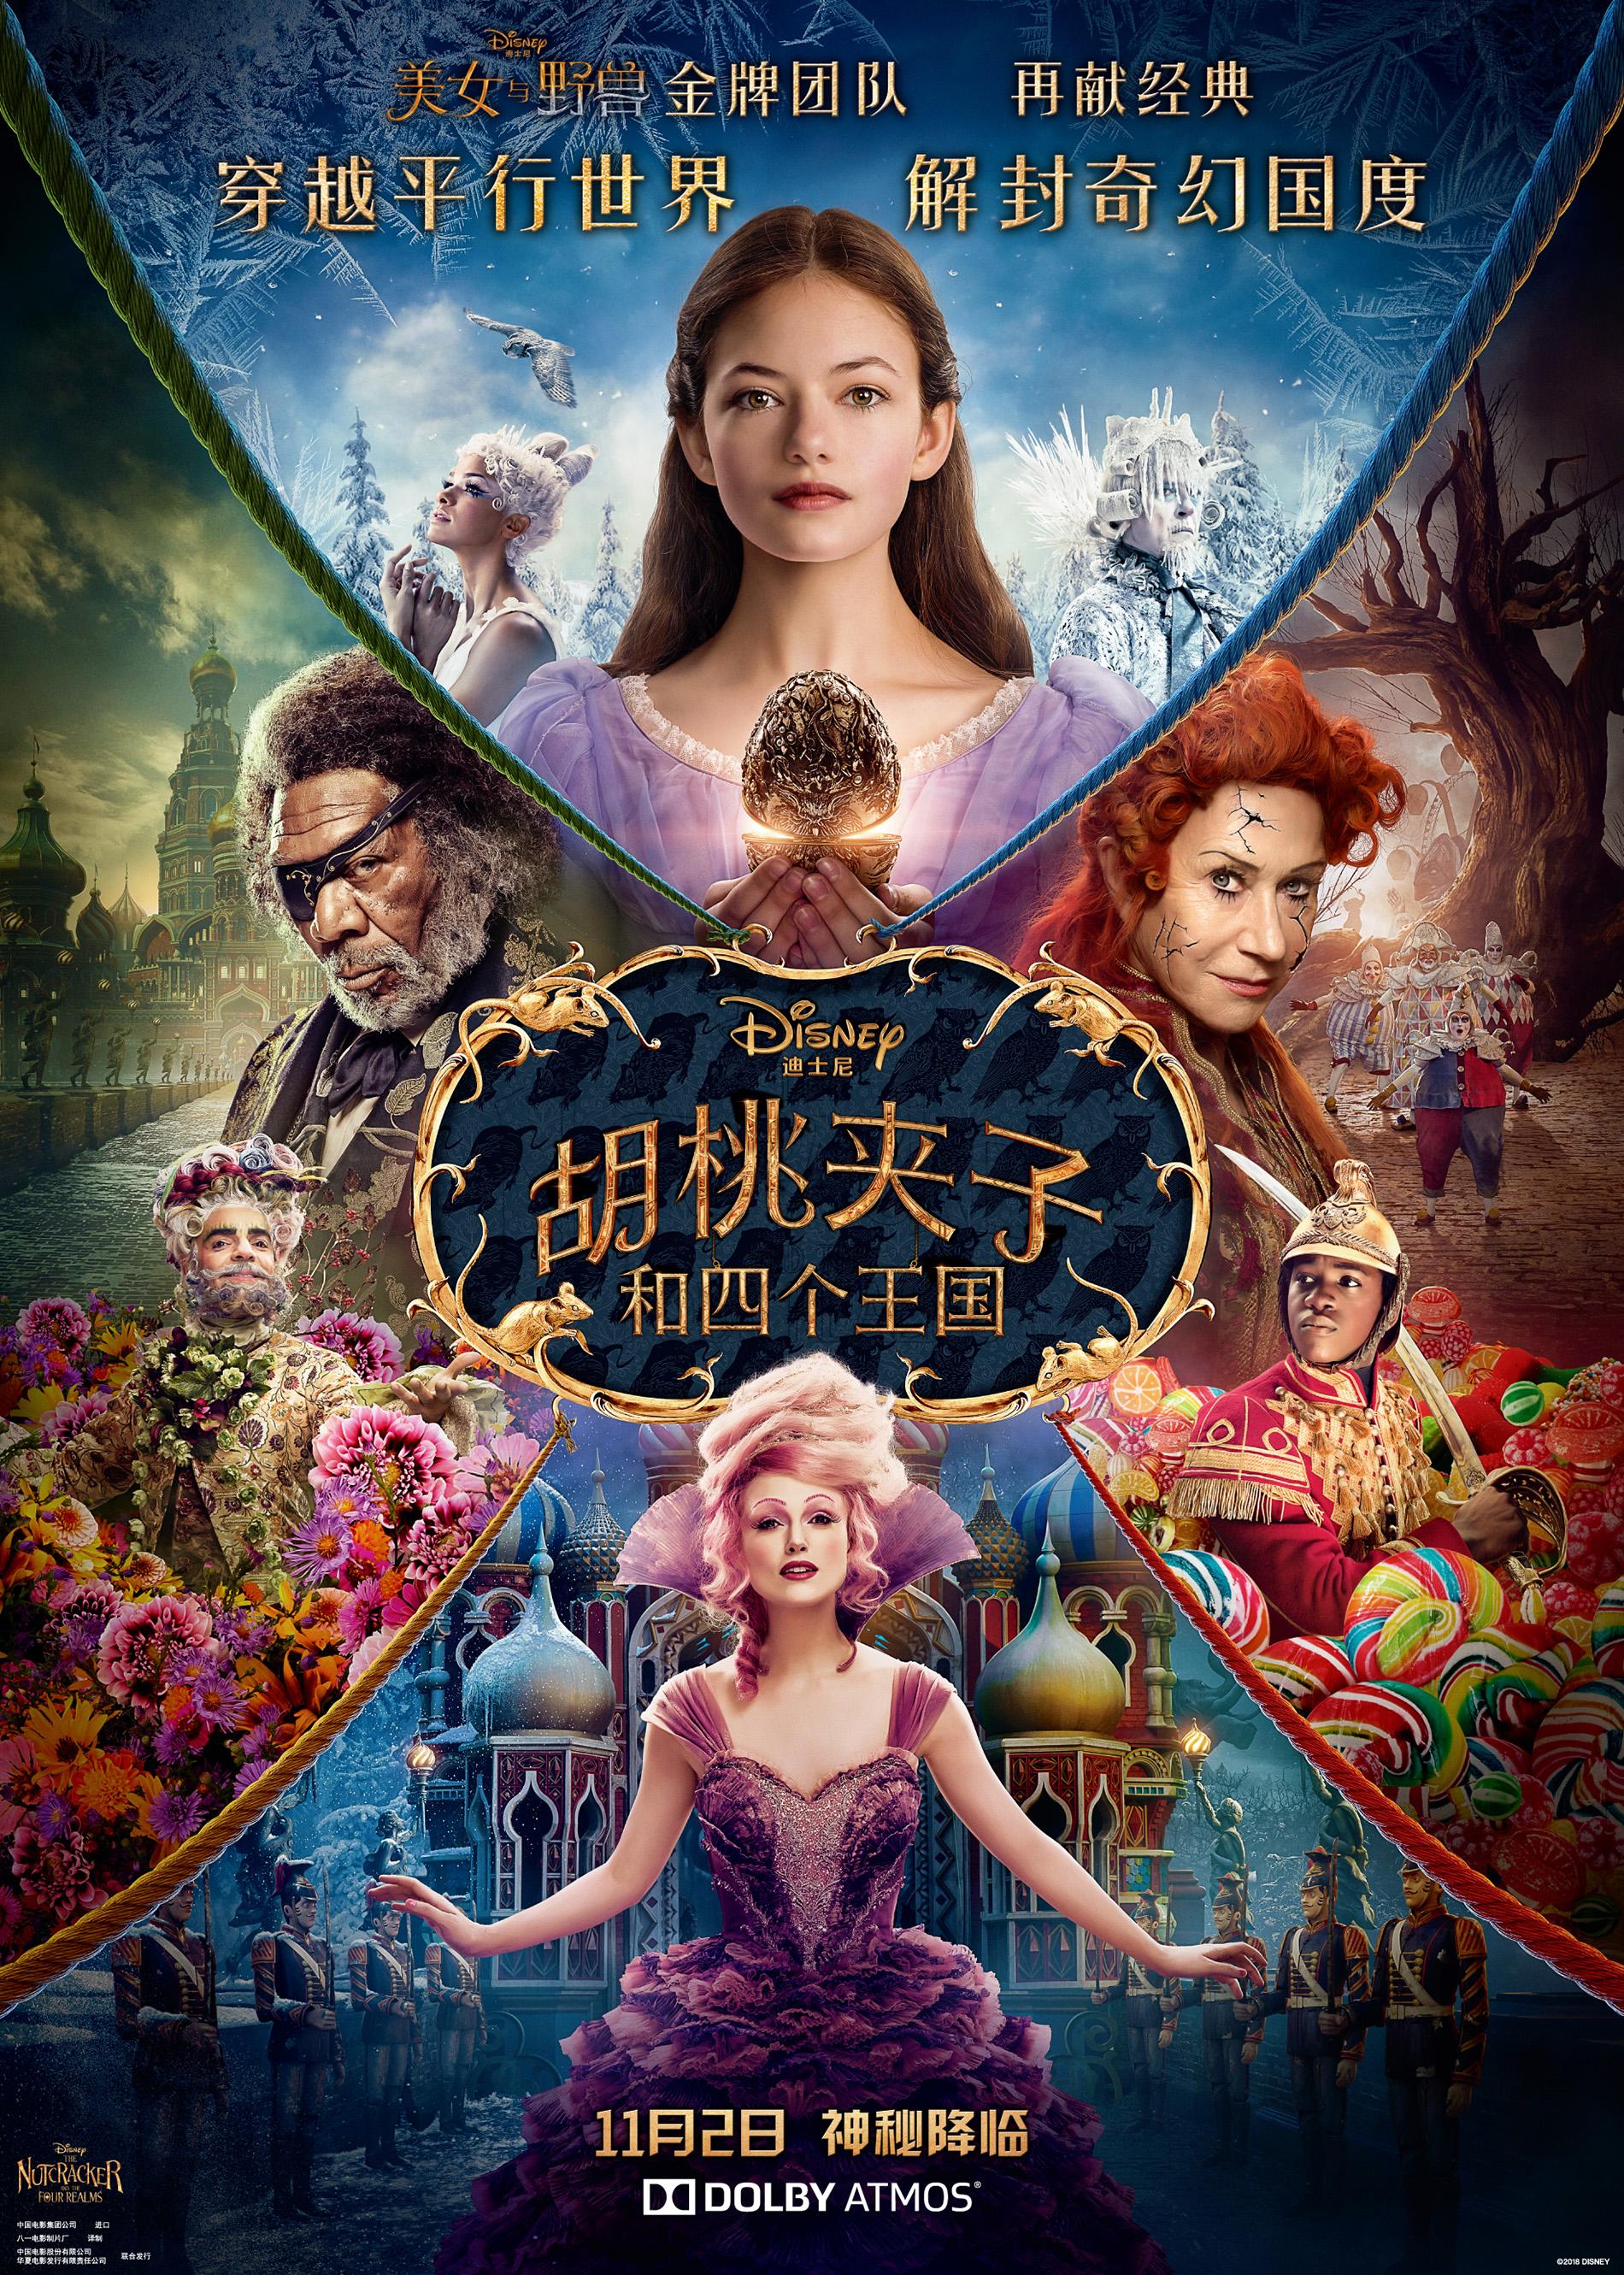 2018年全球电影票房前3名都被迪士尼包了,全球大卖超70亿美元!插图4